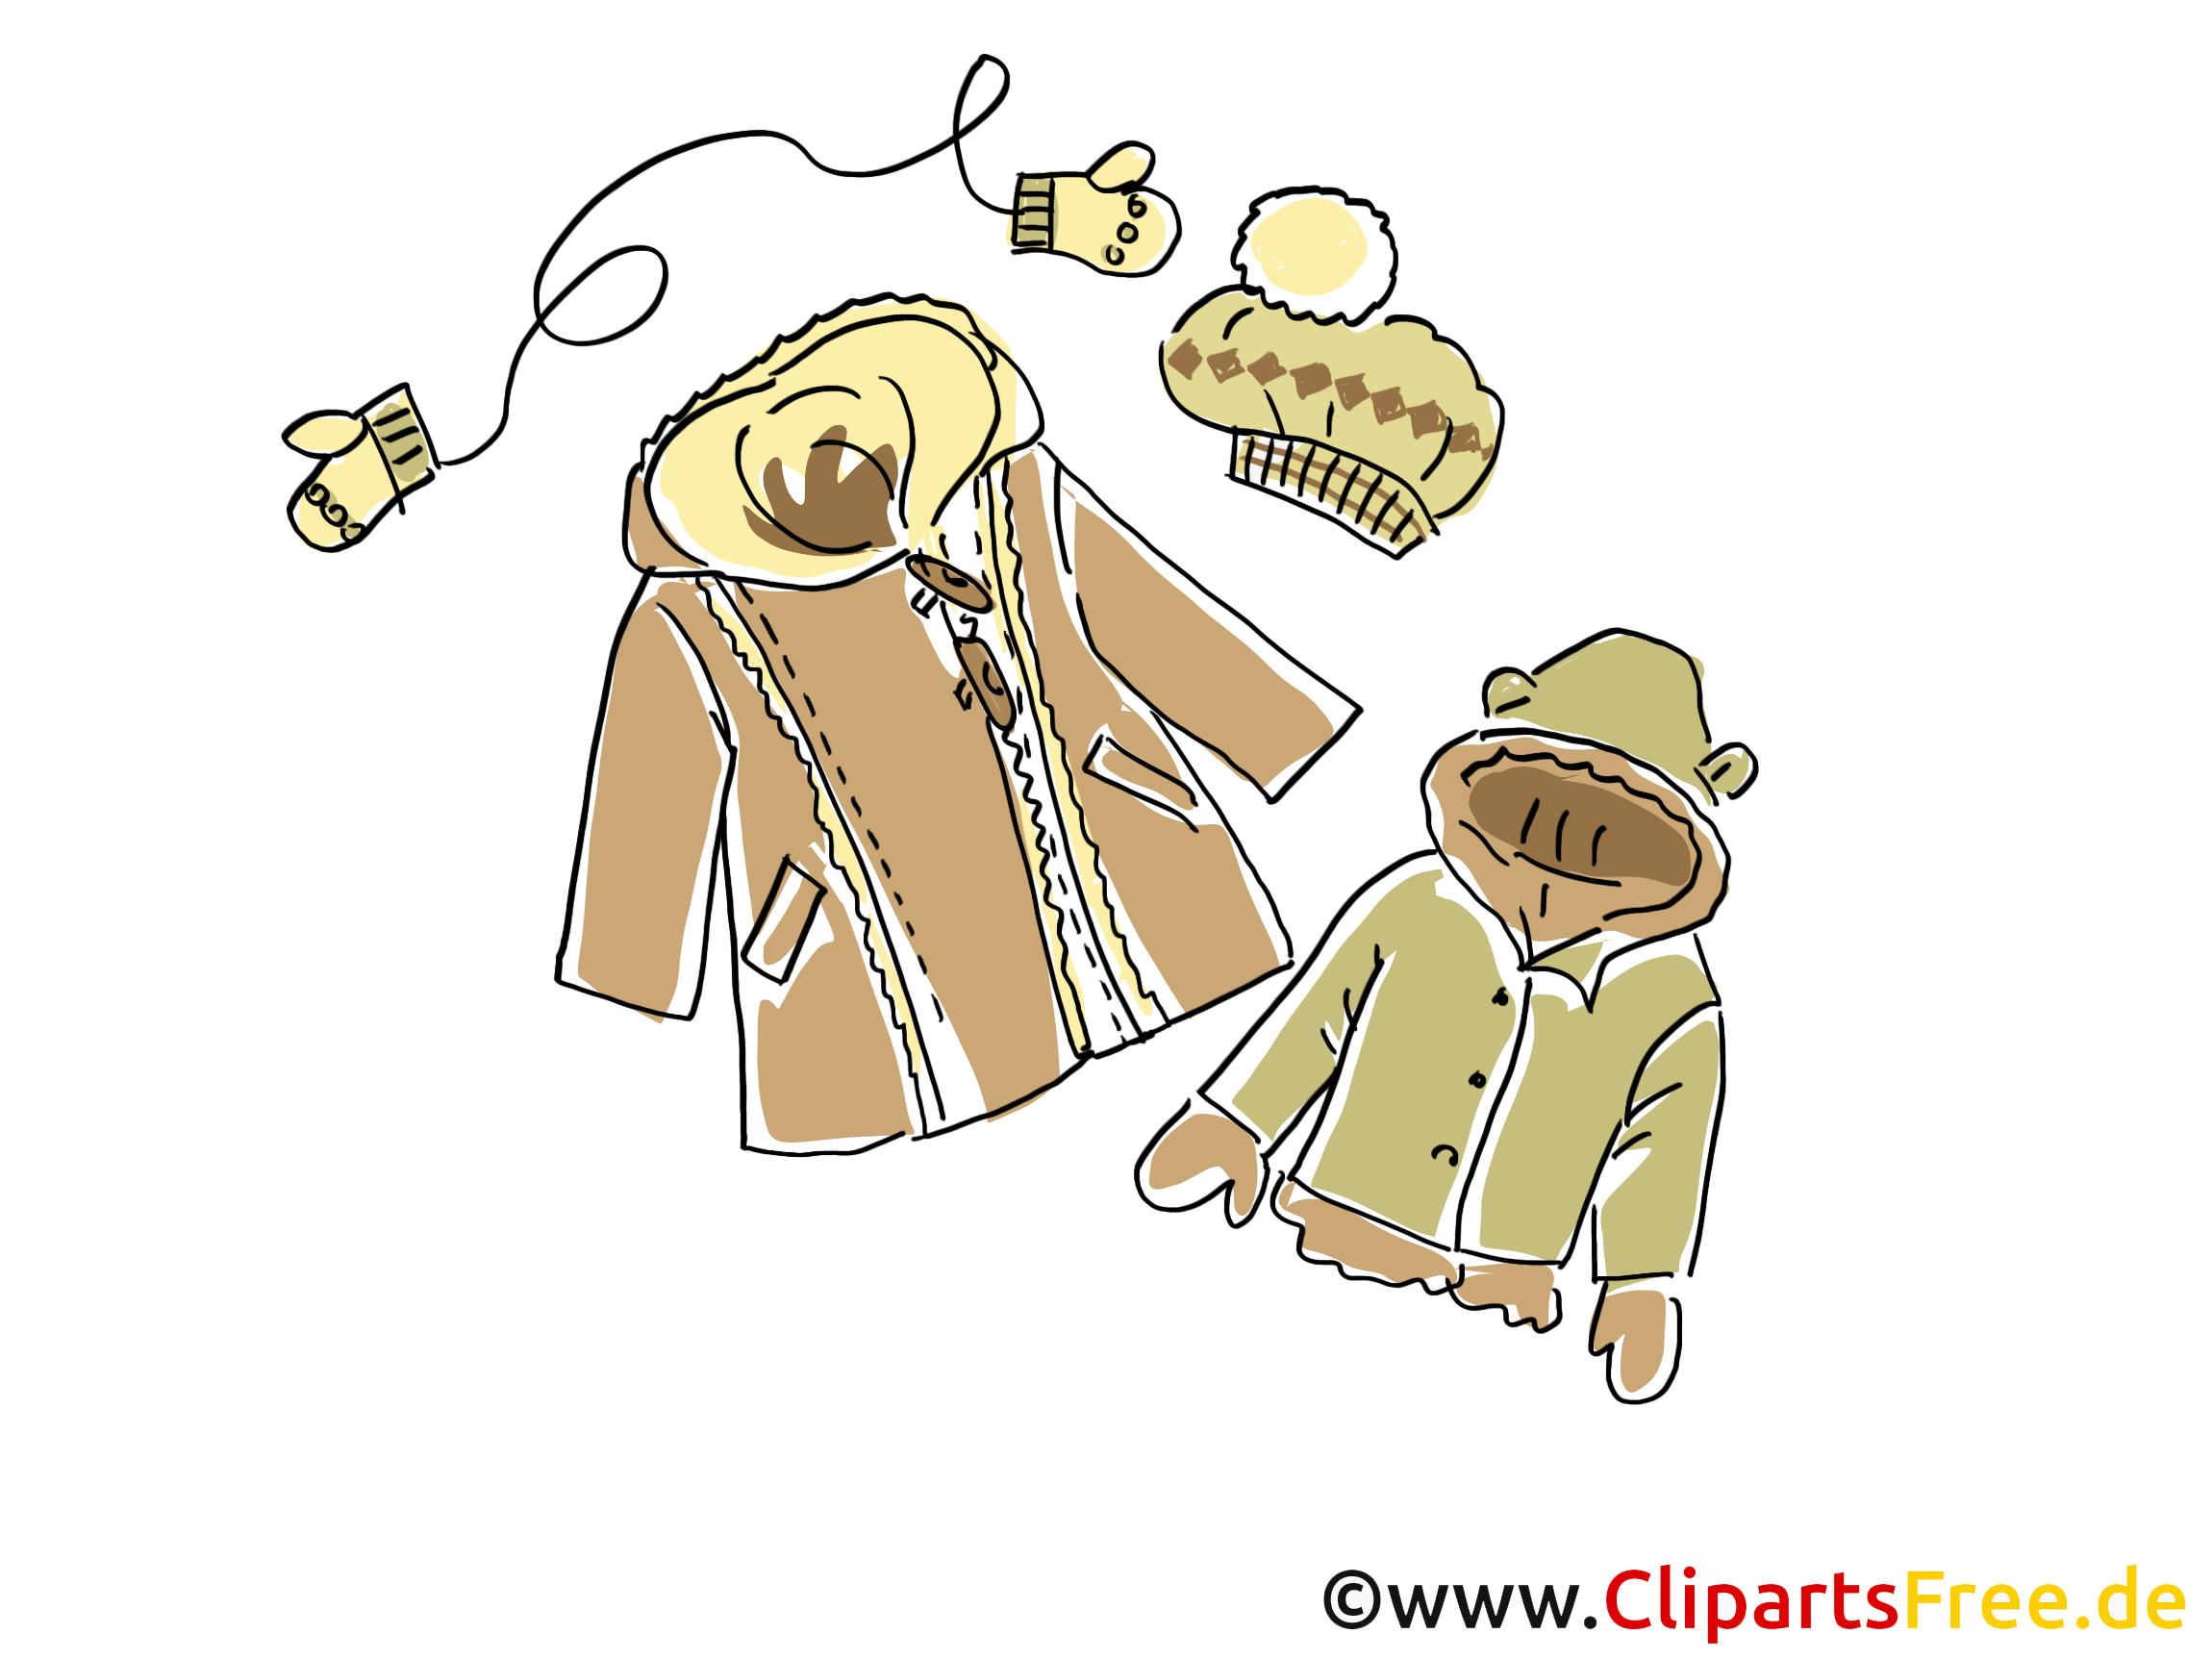 Winterkleidung fuer Kinder Clipart, Bild, Illustration, Grafik ...